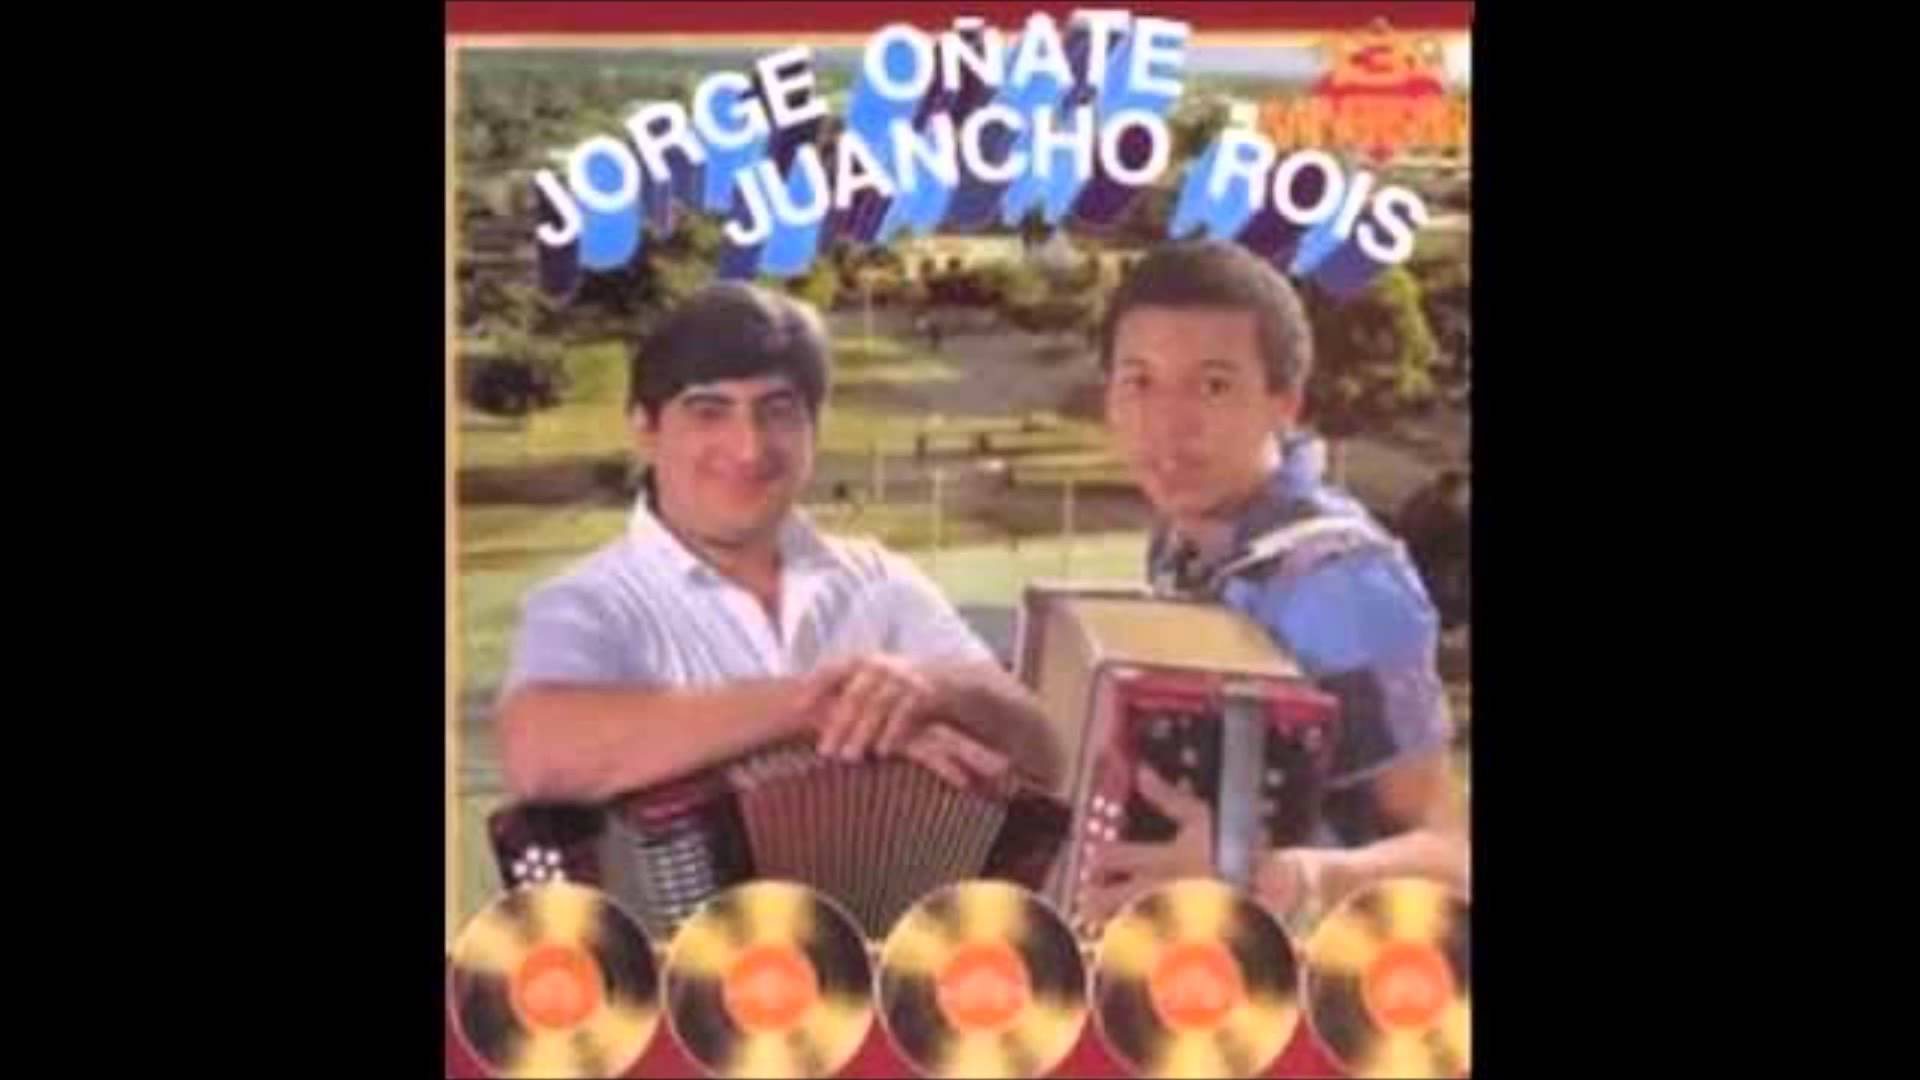 jorge oñate y juancho rois - 1983 - 13 aniversario